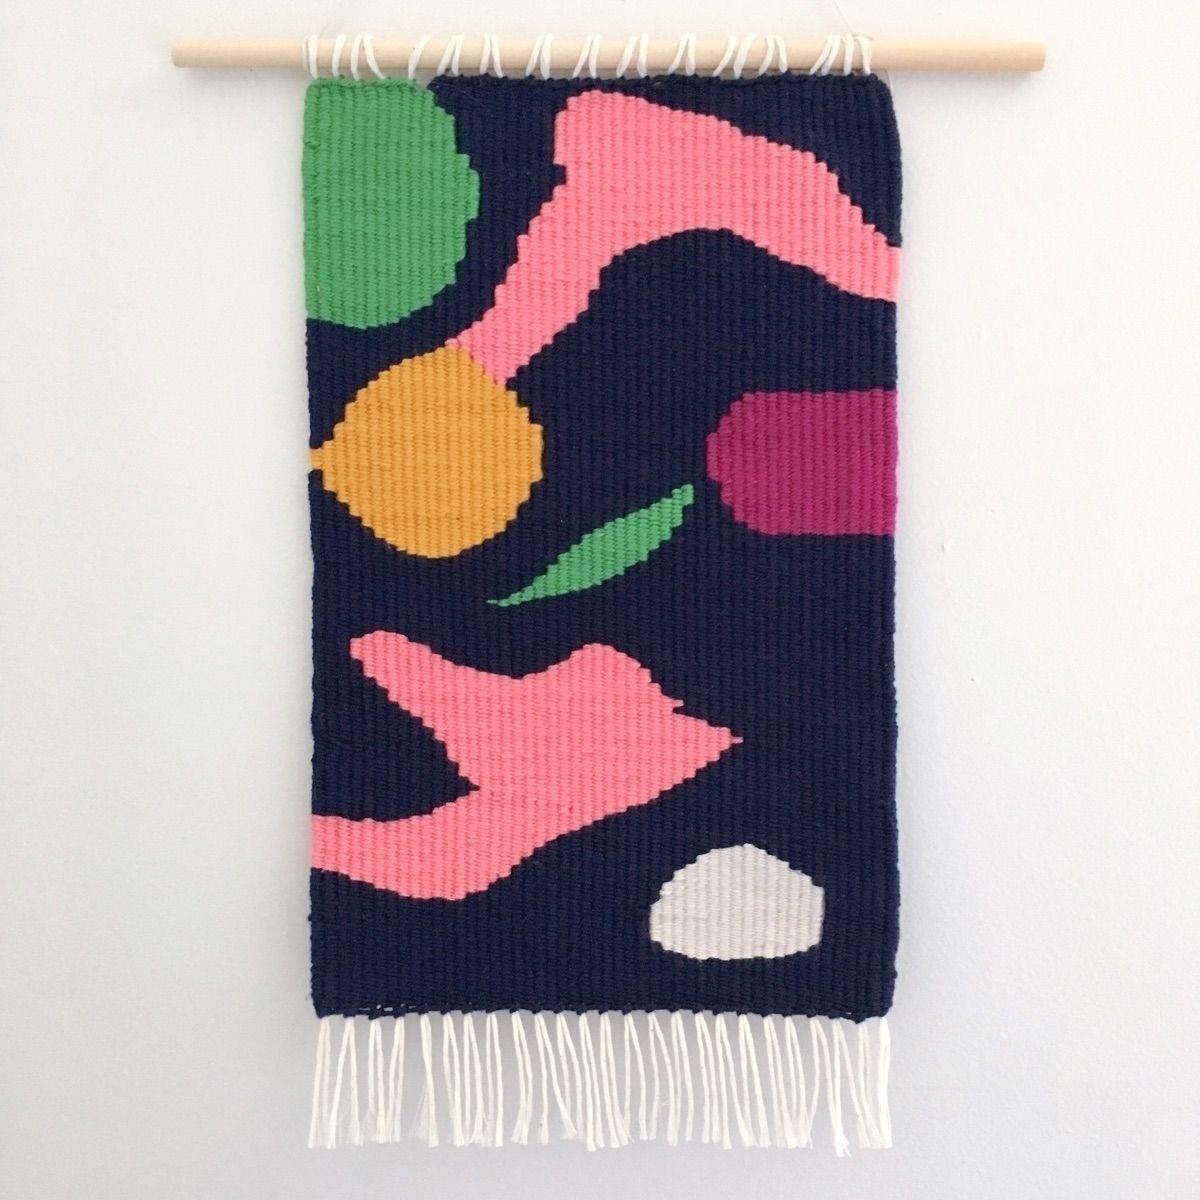 fibreart, fiberart, textiles - adaolivehandmade   ello